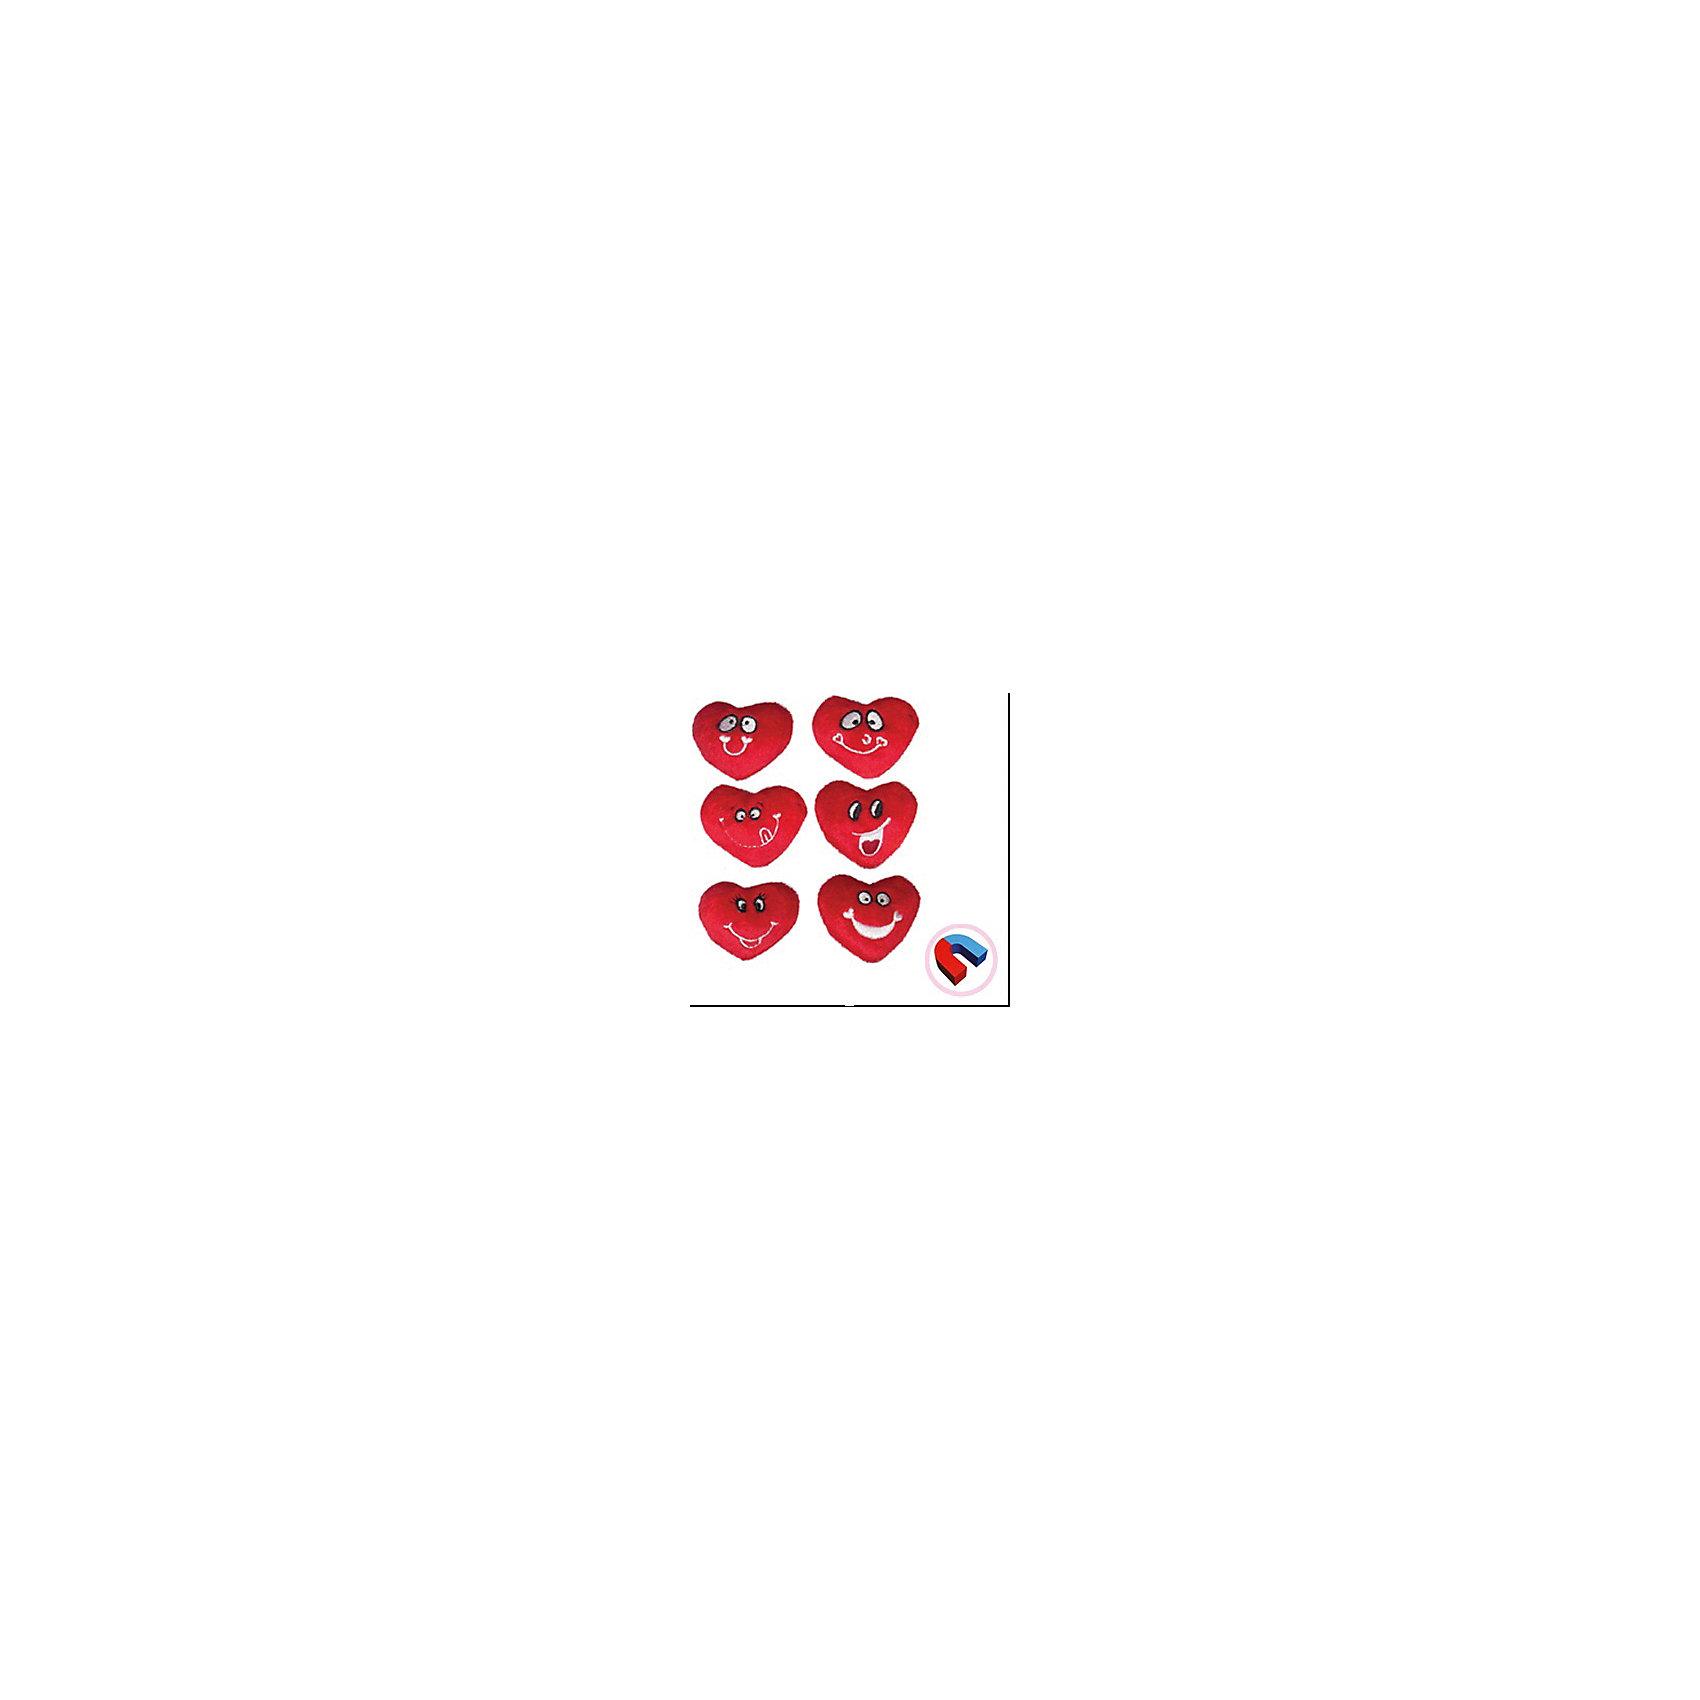 Сувенир на магните Сердечко-смайлик, в ассортиментеСувенир на магните Сердечко-смайлик станет приятным и романтичным подарком на день всех влюбленных или еще одним поводом порадовать близкого человека. Мягконабивная игрушка выполнена в виде красного сердечка с забавной мордочкой, оснащена магнитом. Дизайн в ассортименте.<br><br>Дополнительная информация:<br><br>- Материал: текстиль.<br>- Размер сувенира: 5 х 6 х 1,5 см.<br><br>Сувенир на магните Сердечко-смайлик, в ассортименте, Премьер-игрушка, можно купить в нашем интернет-магазине.<br><br>ВНИМАНИЕ! Данный артикул имеется в наличии в разных вариантах исполнения. Заранее выбрать определенный вариант нельзя. При заказе нескольких сердечек возможно получение одинаковых.<br><br>Ширина мм: 50<br>Глубина мм: 15<br>Высота мм: 60<br>Вес г: 10<br>Возраст от месяцев: 36<br>Возраст до месяцев: 2147483647<br>Пол: Унисекс<br>Возраст: Детский<br>SKU: 4512288